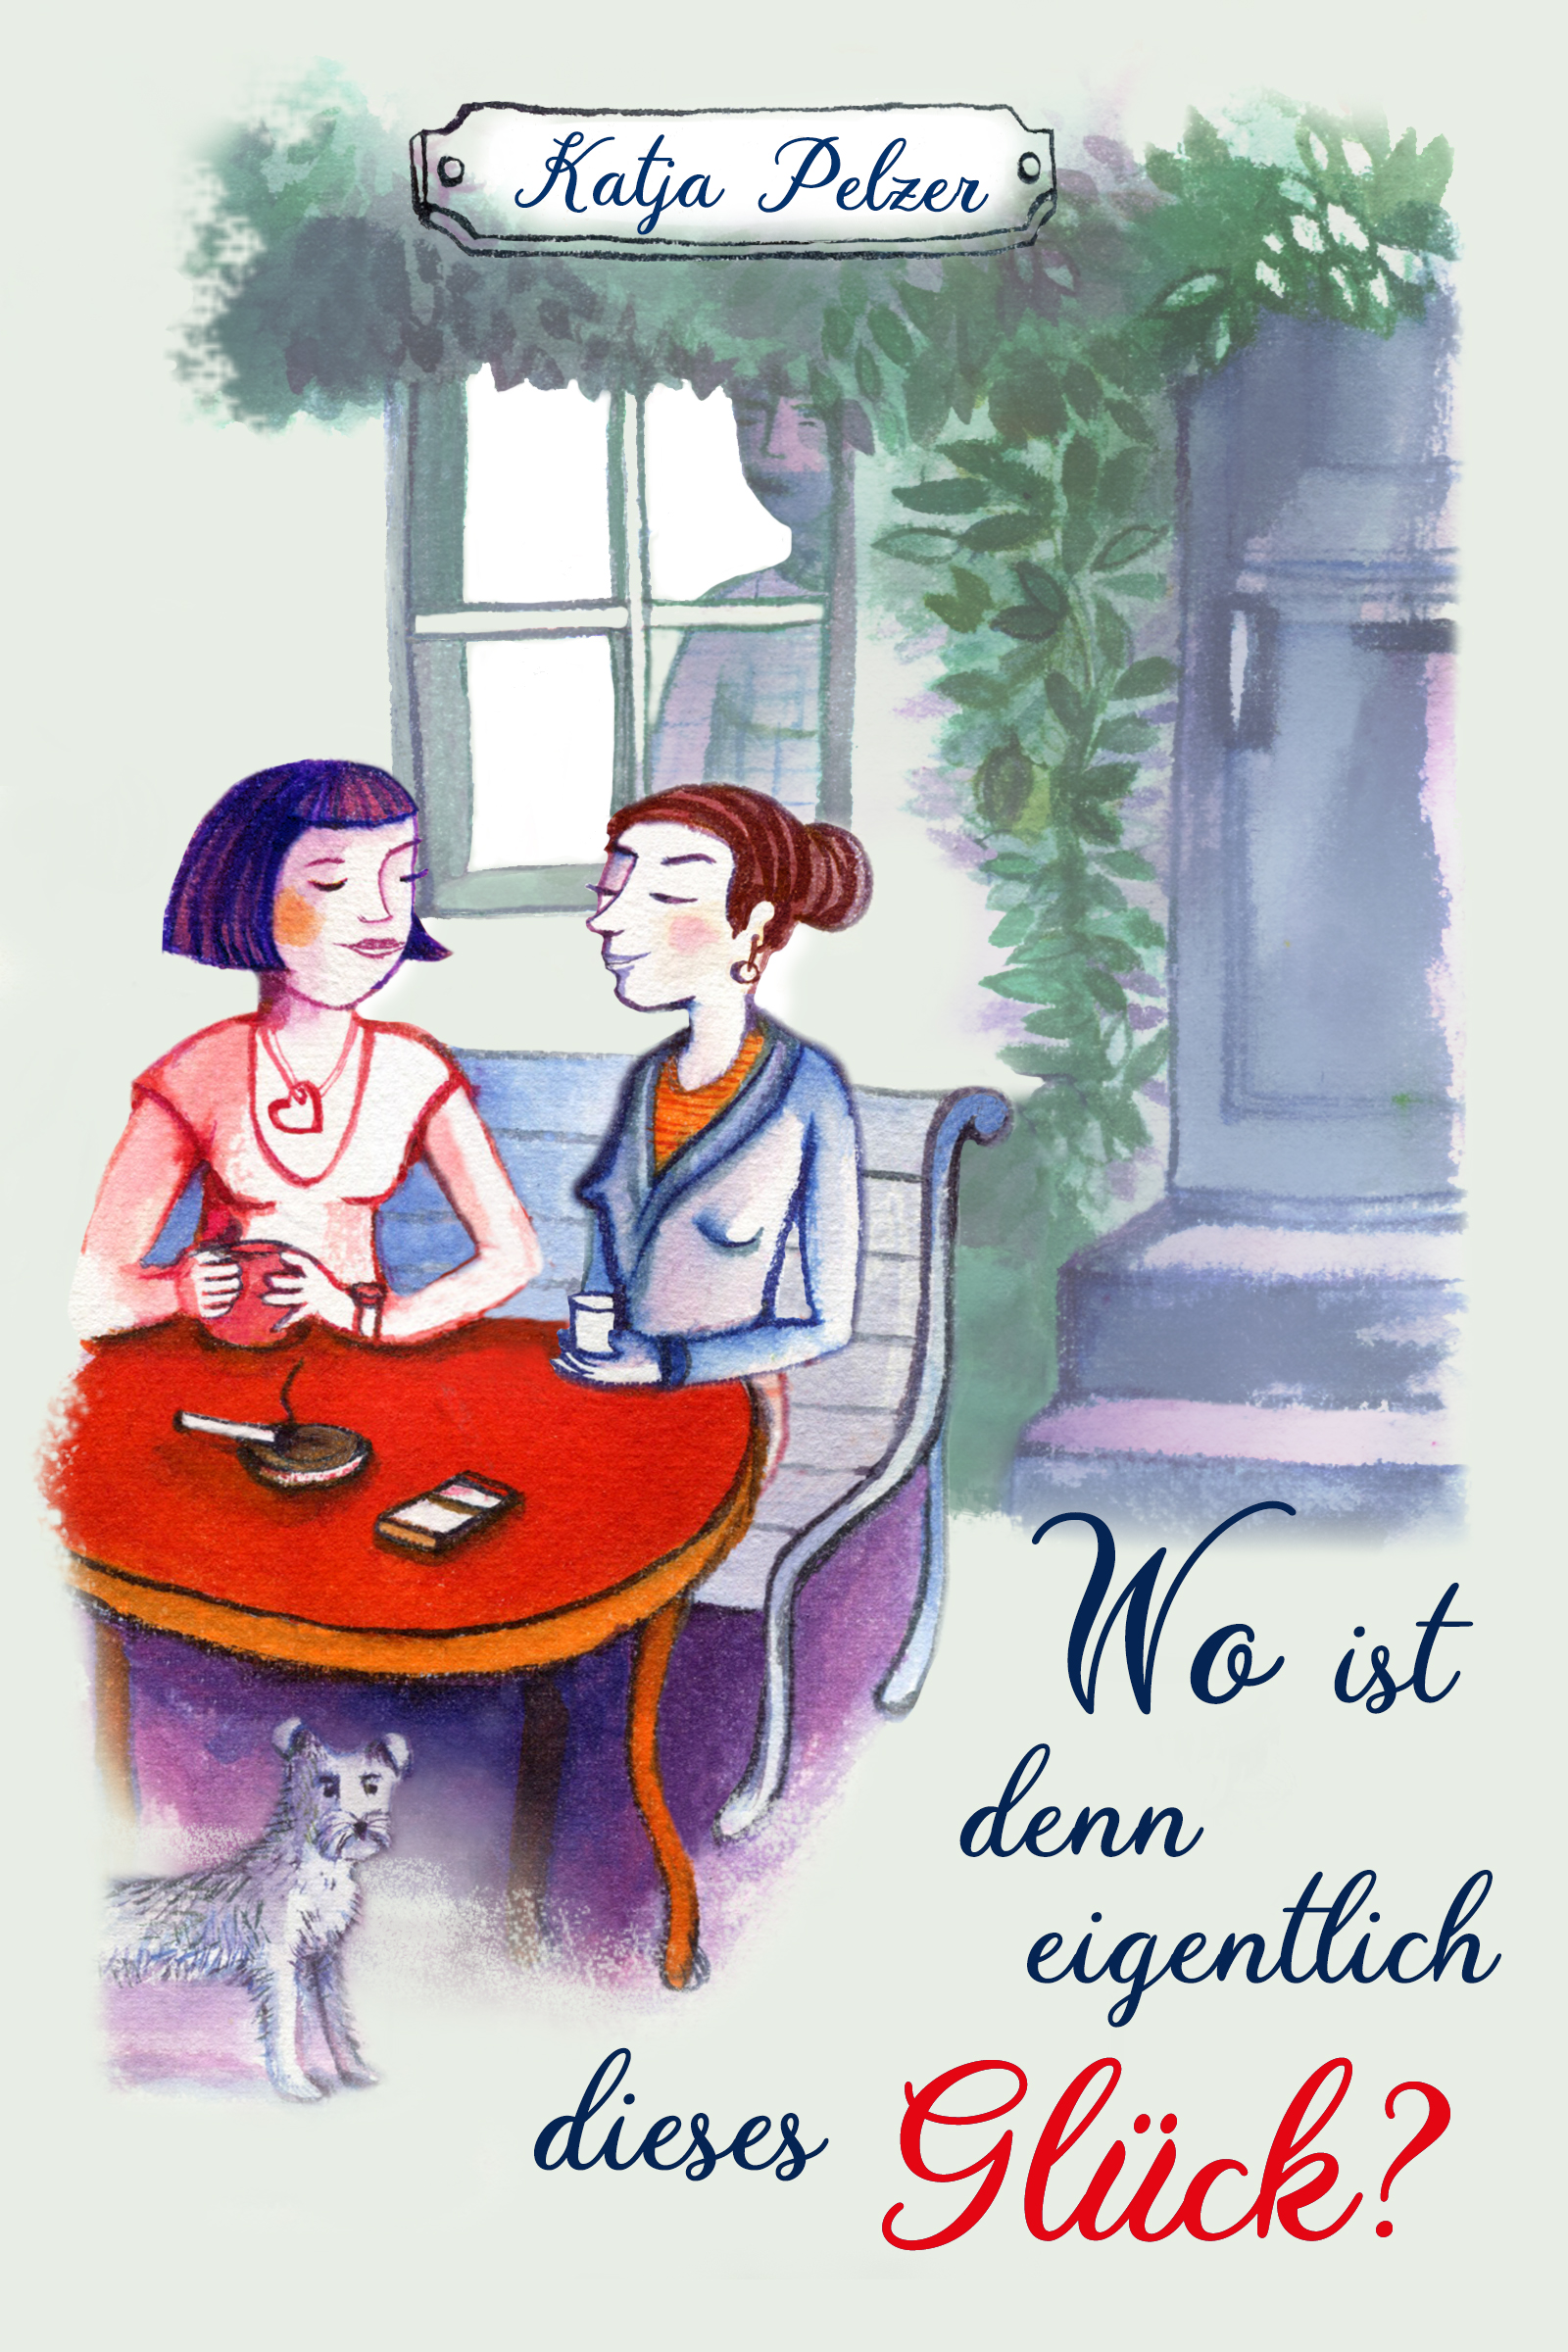 Buchcover/Woistdenneigentlichdiesesglück/Rothbild